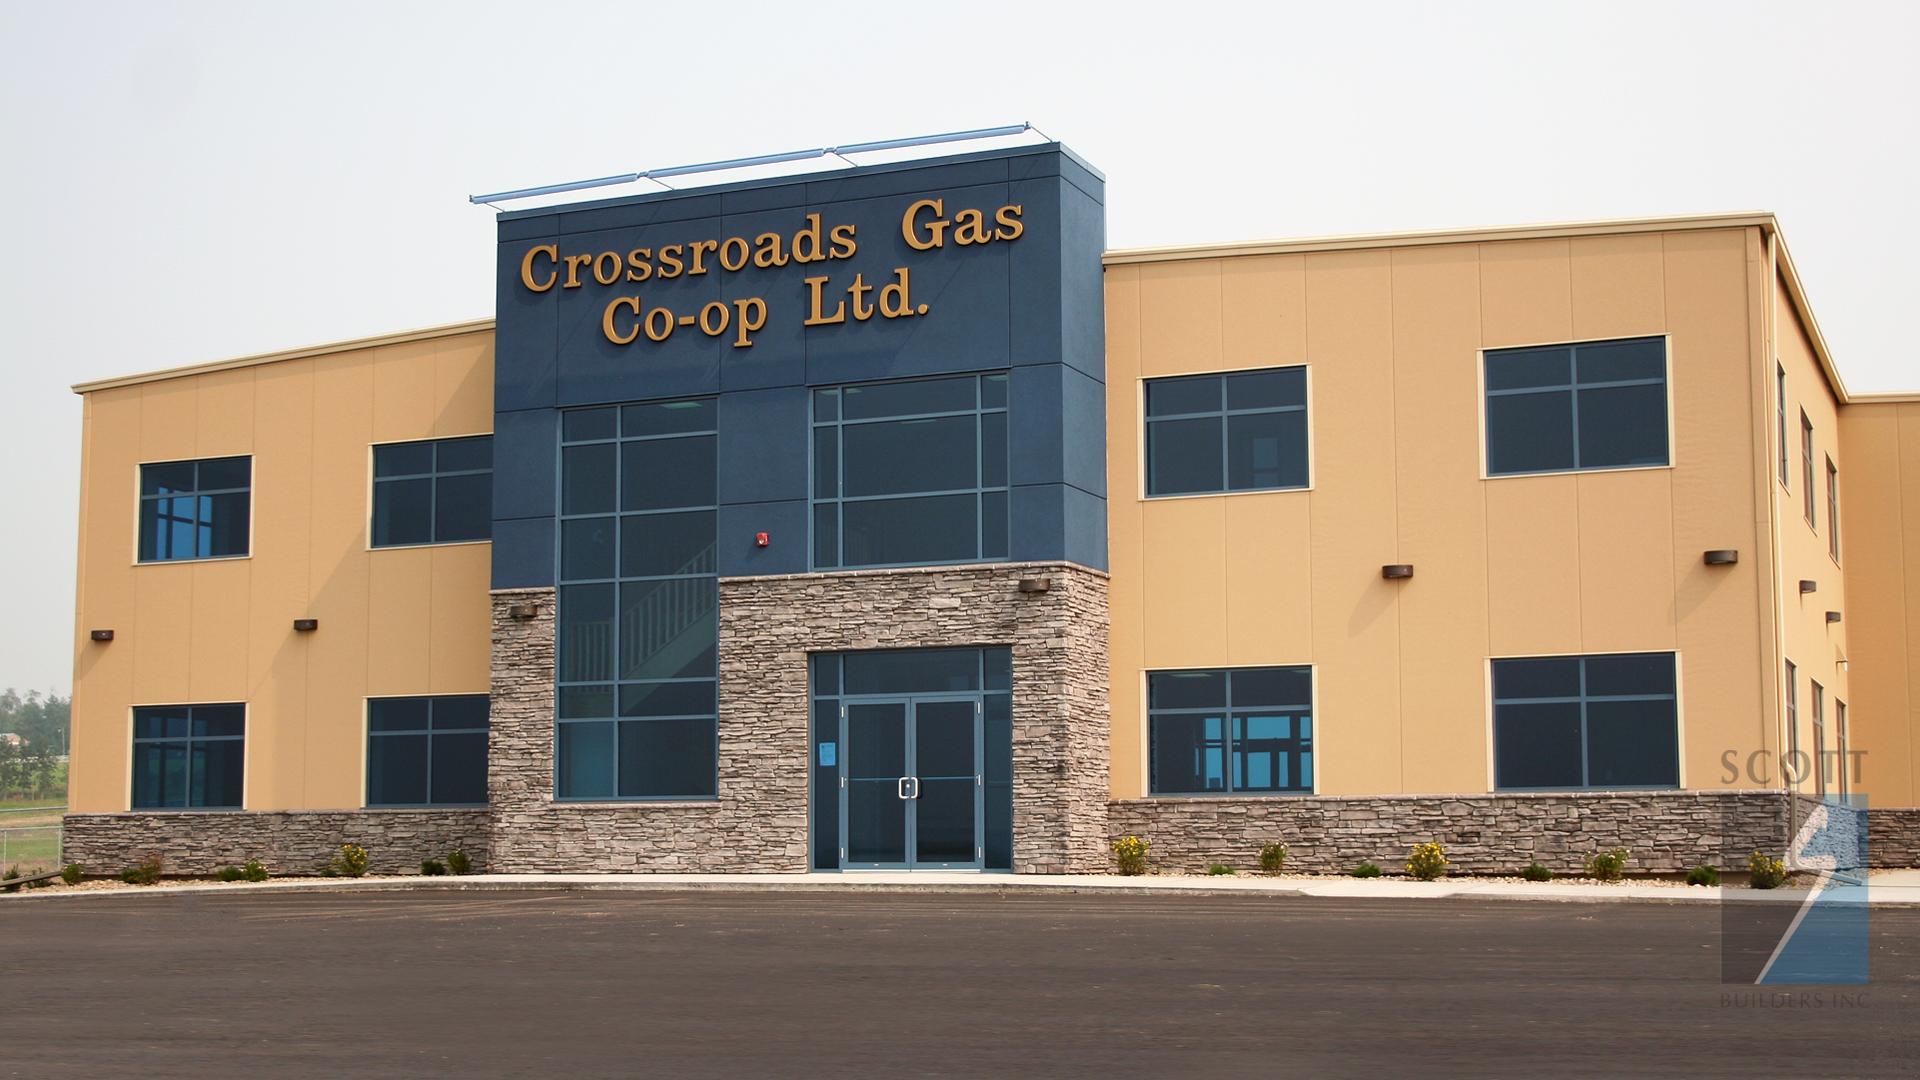 968 Crossroads Gas Co-op Innisfail